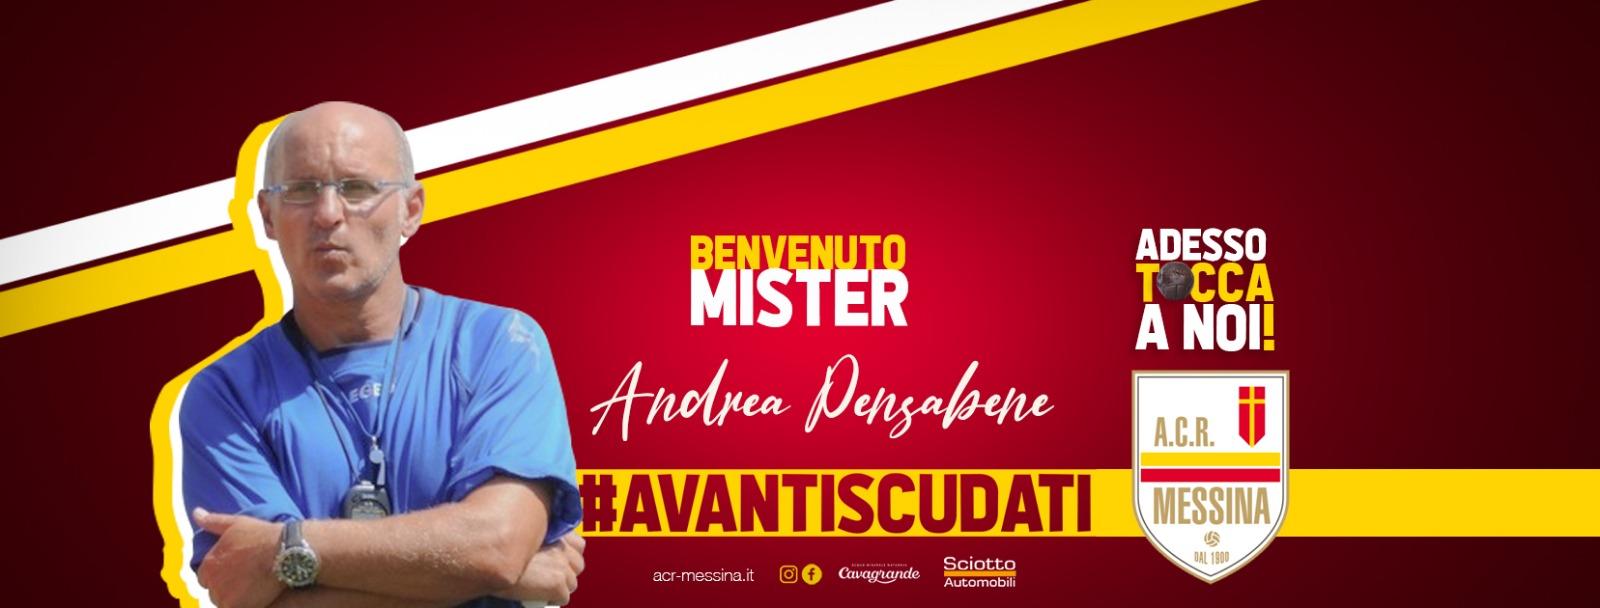 Andrea Pensabene nuovo allenatore dell'ACR Messina